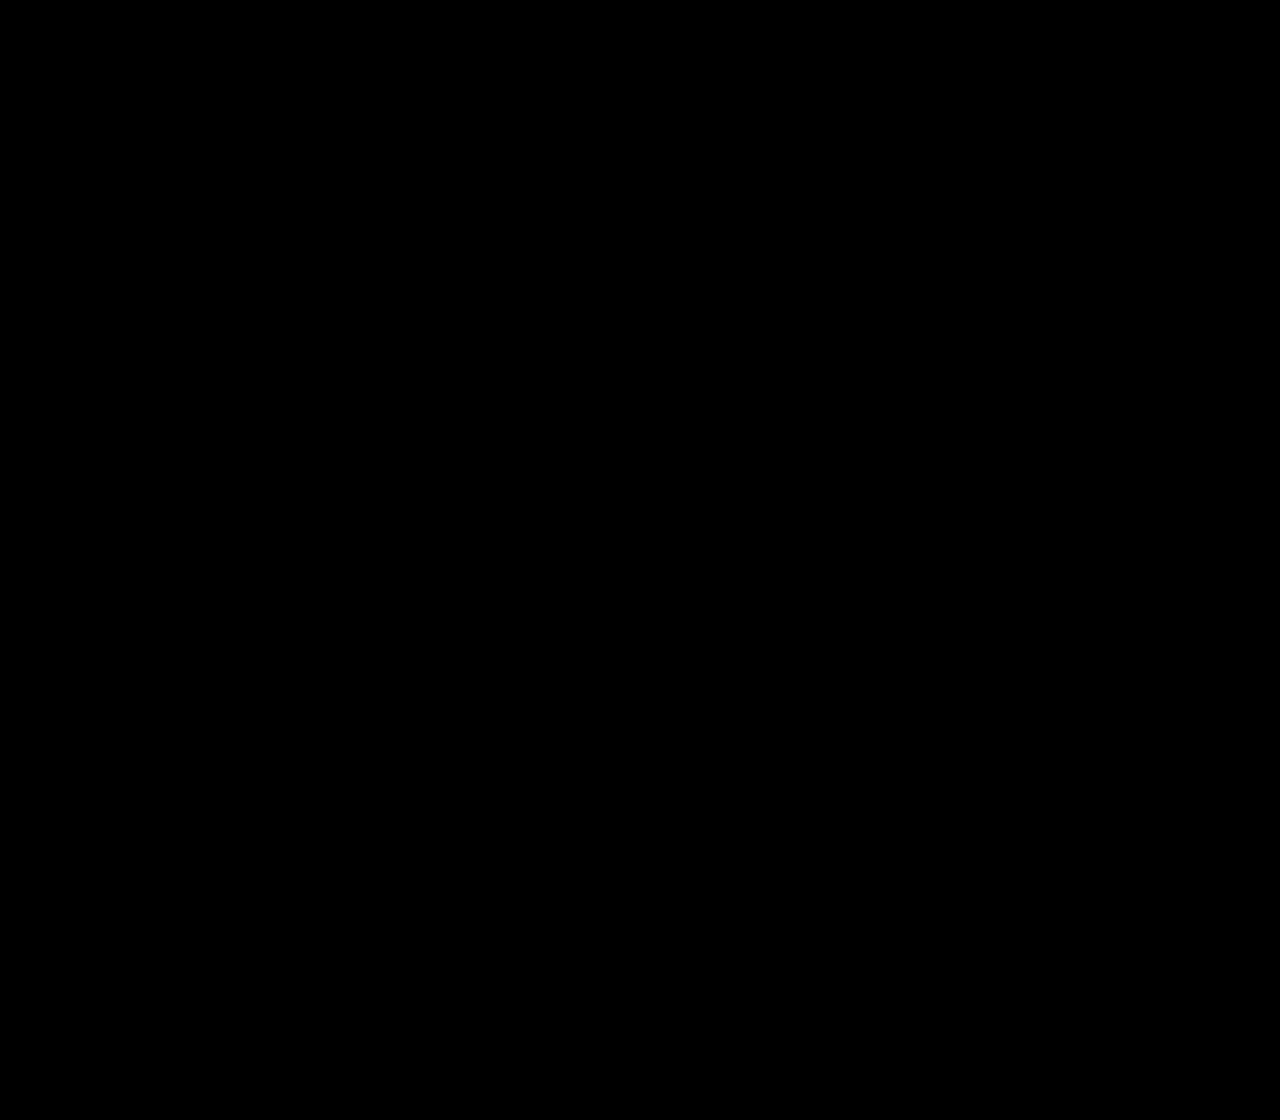 картинка силуэт собаки на прозрачном фоне сальники приводов